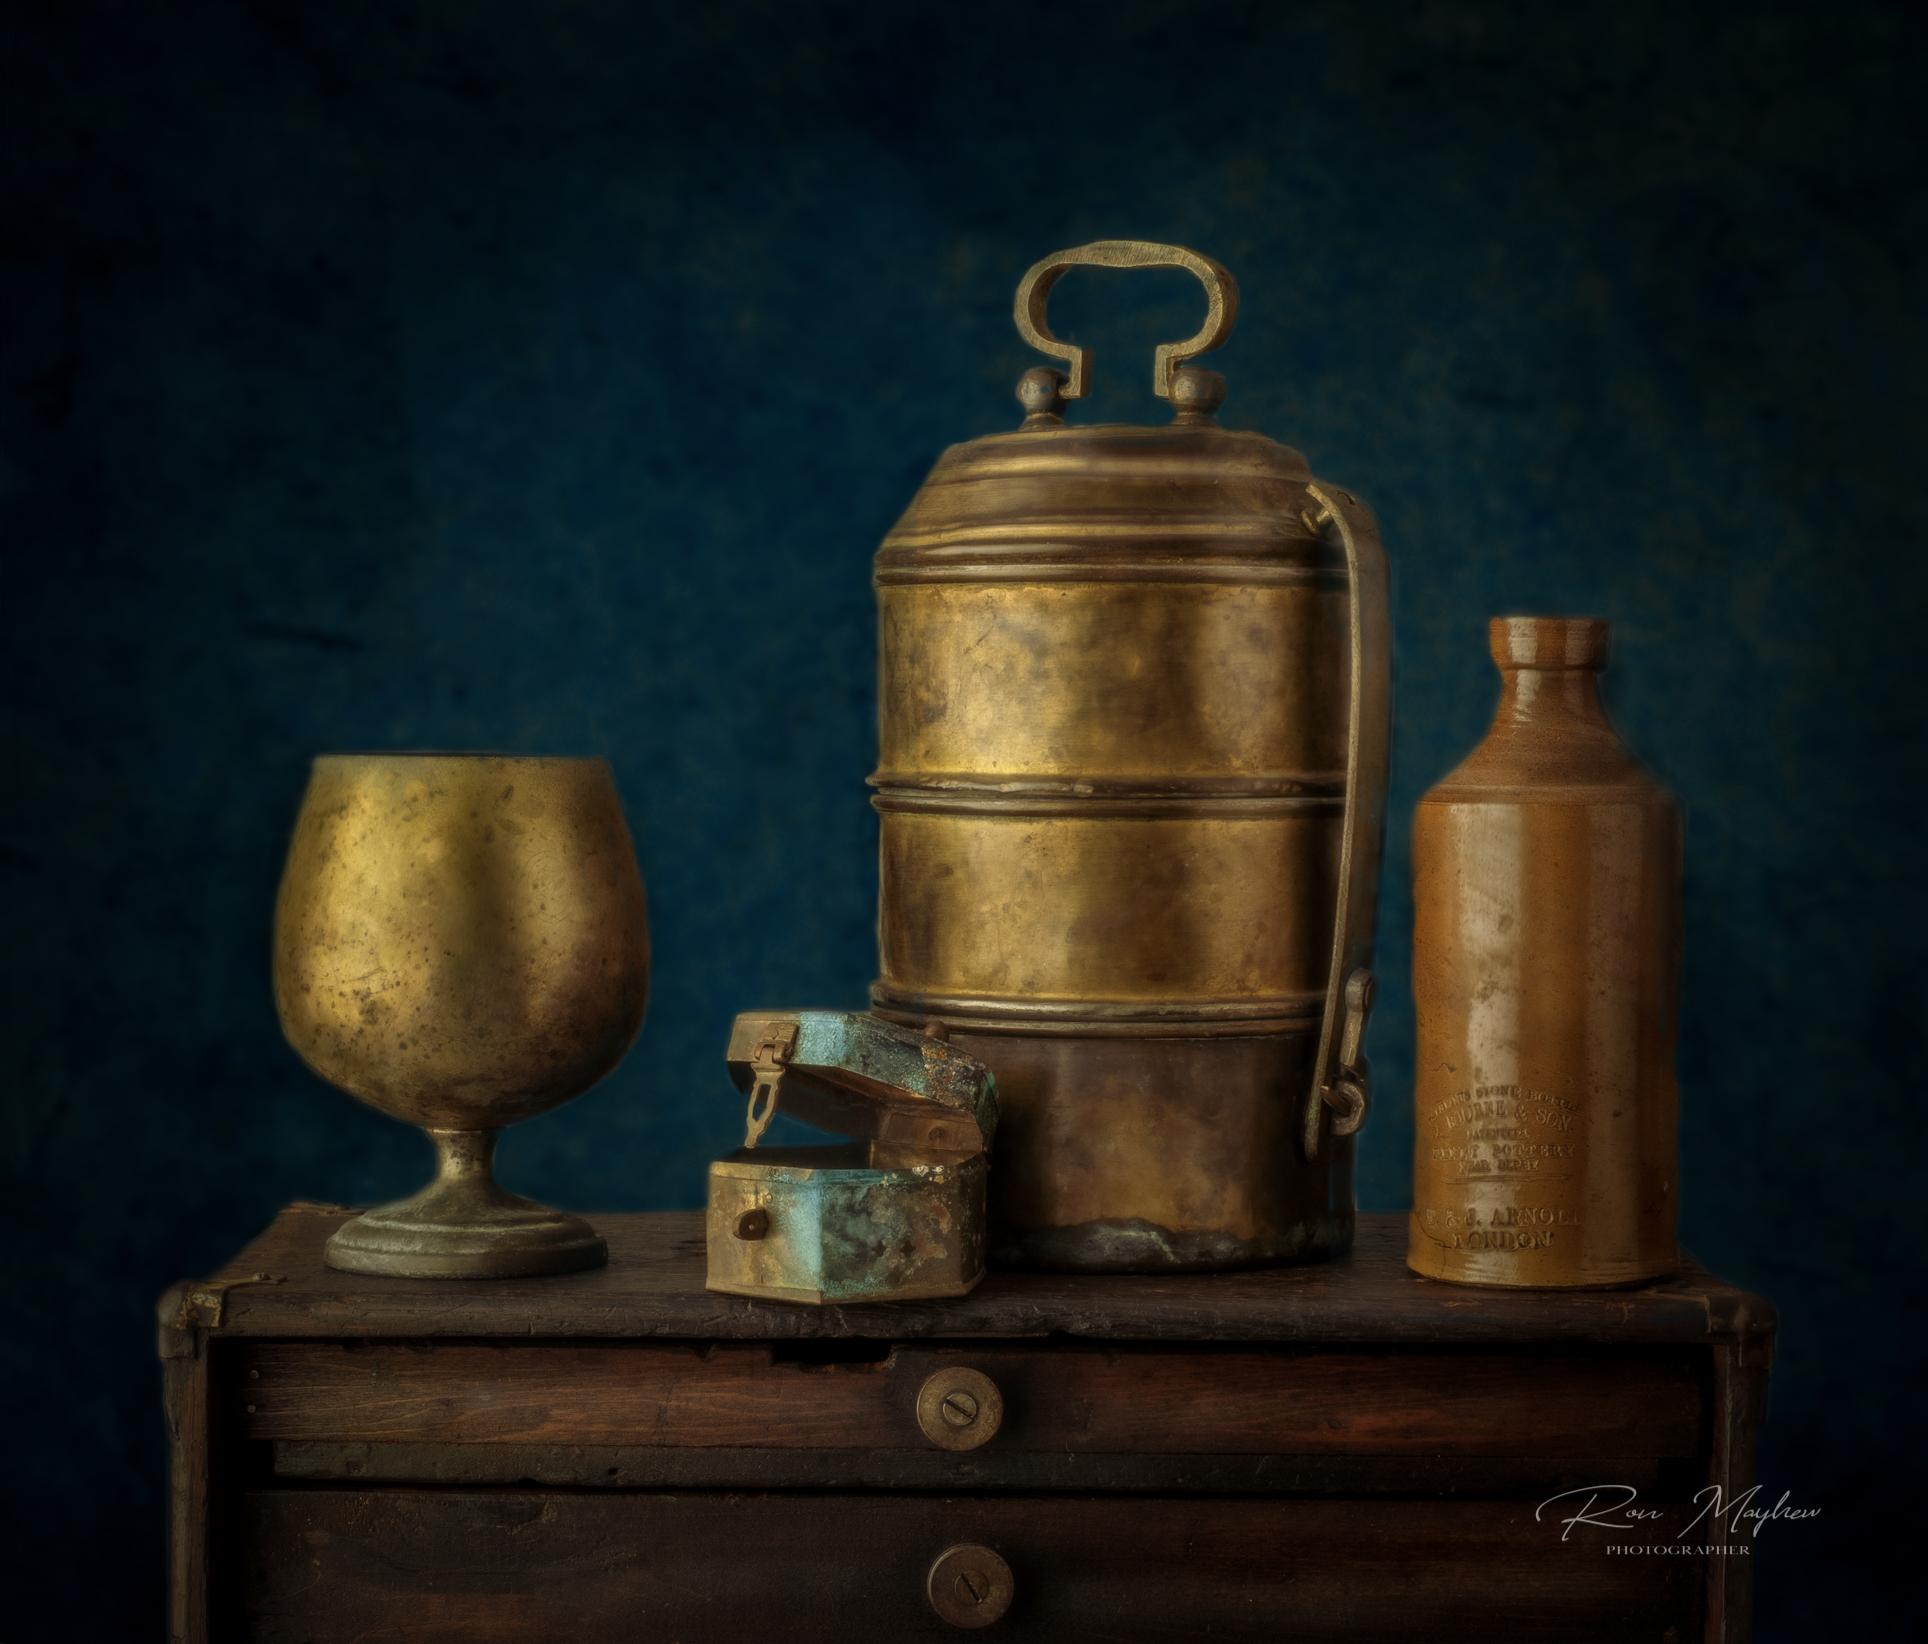 Vessels - a Still Life